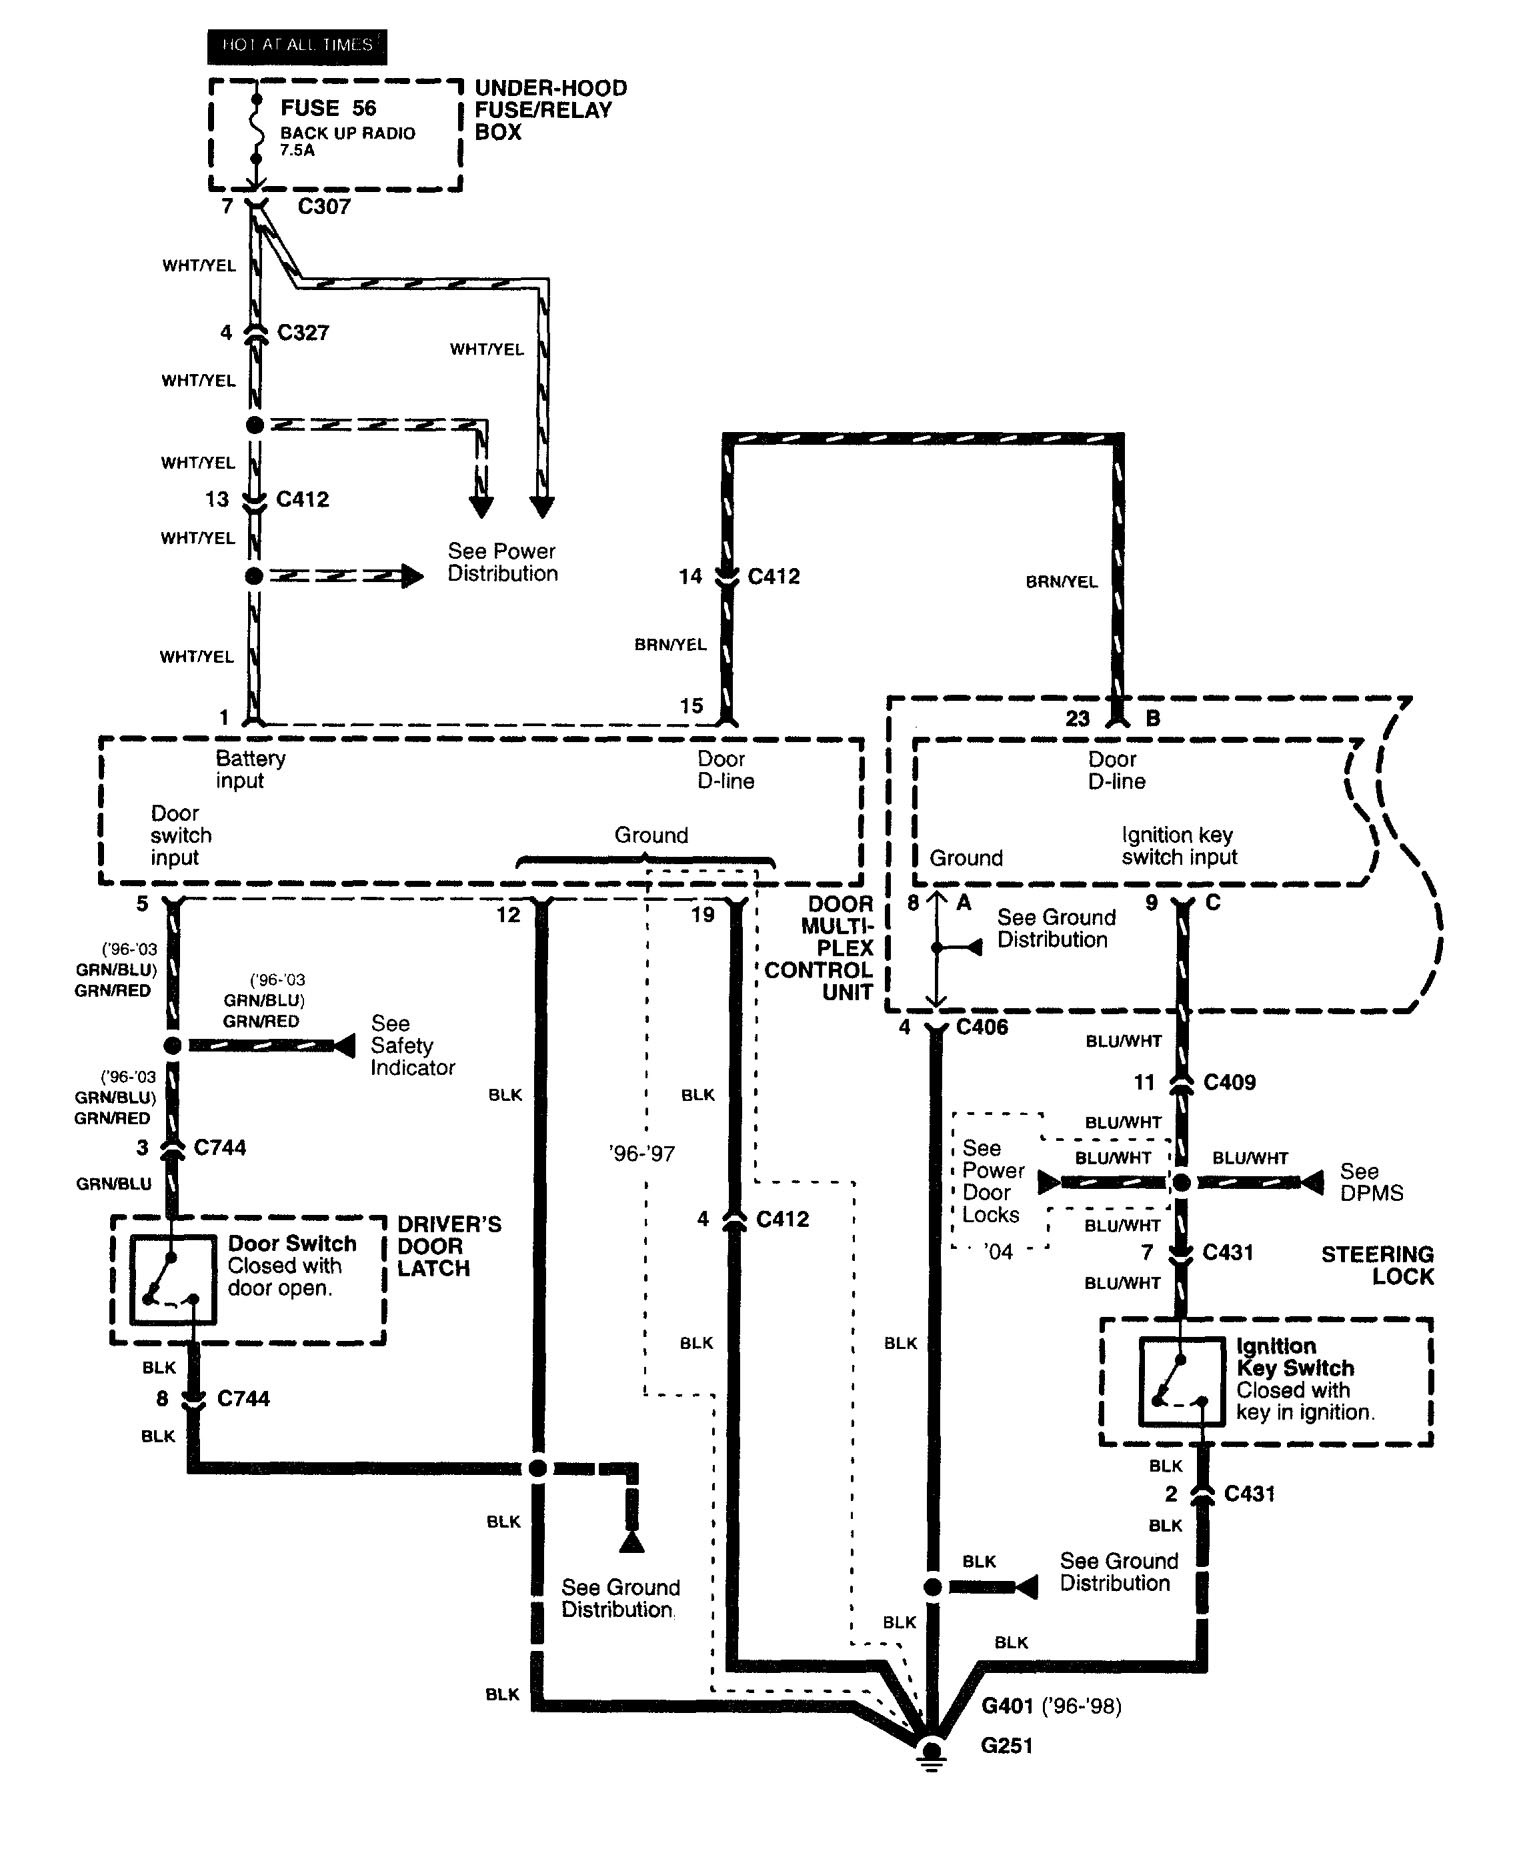 Dr650 Wiring Diagram 2003 Diagrams Dr650se Acura Rl 2004 Lamp Out Kawasaki Ignition